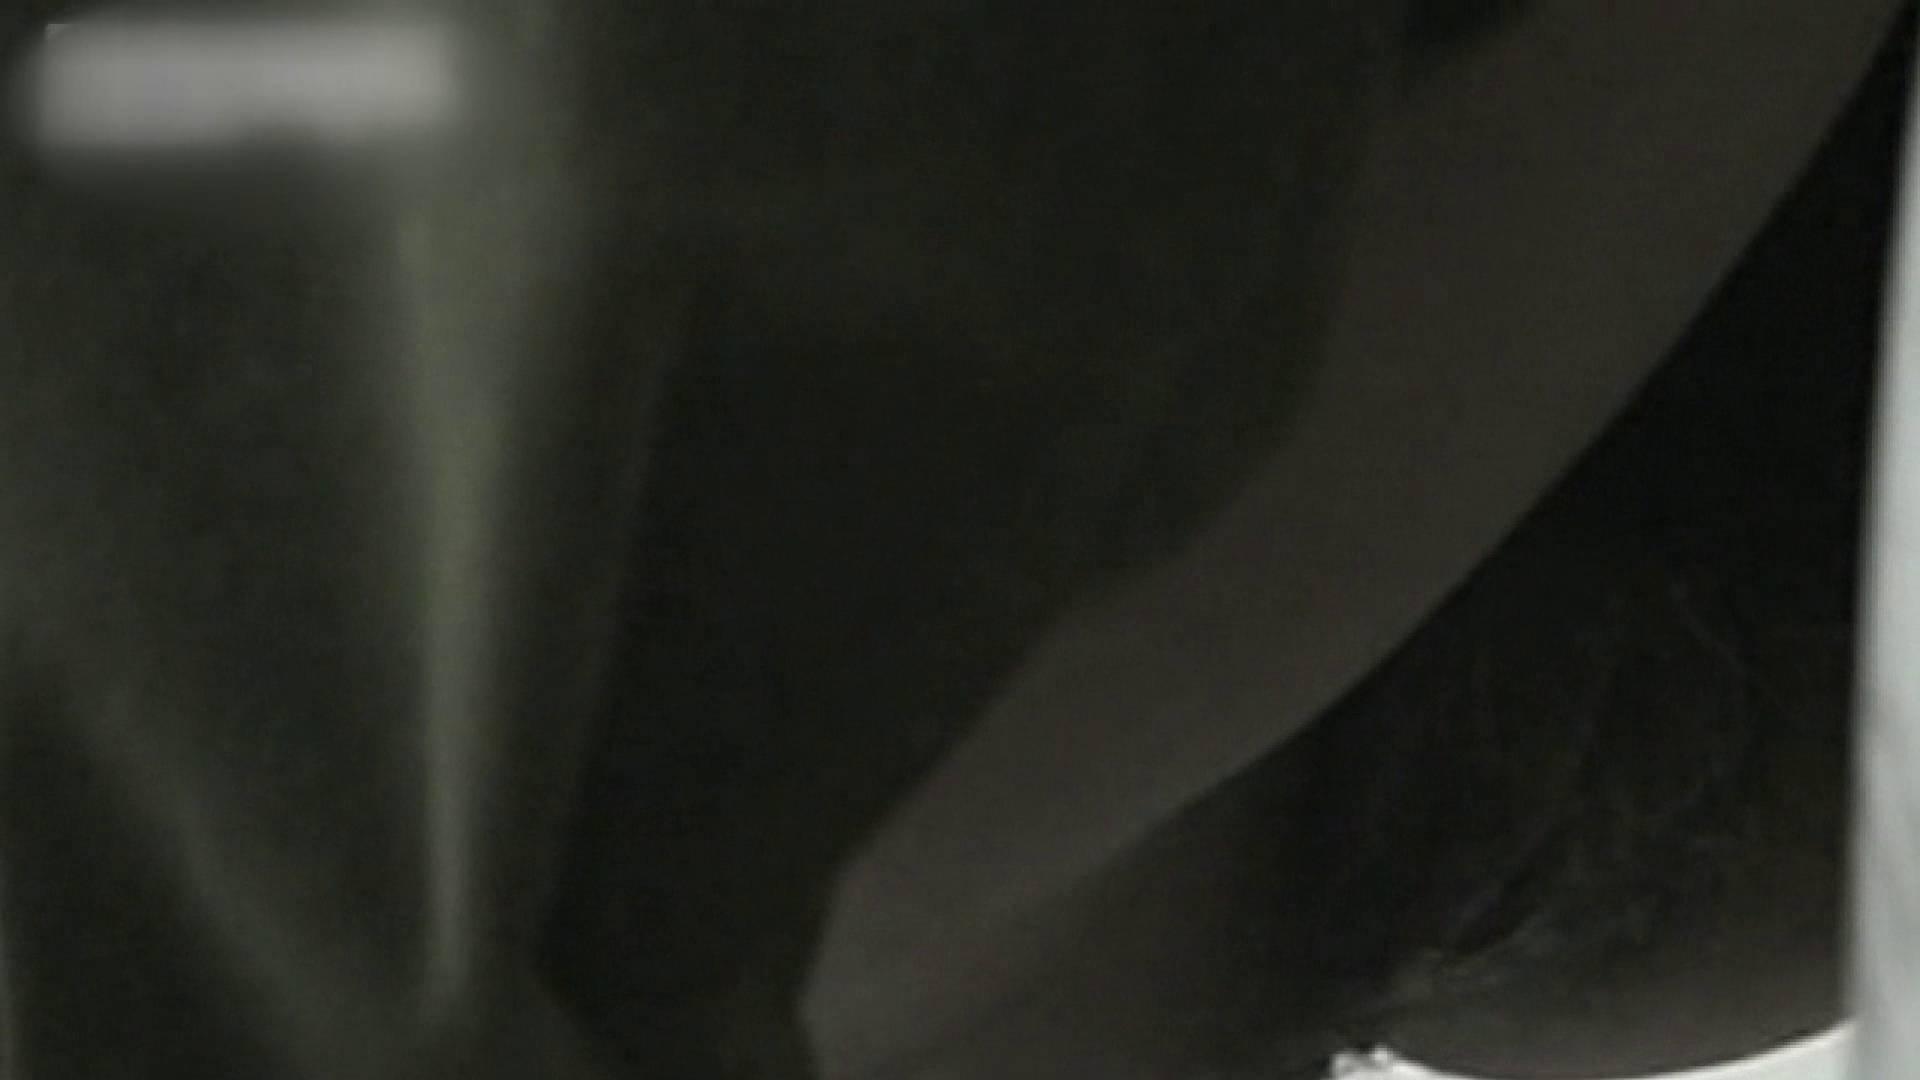 ロックハンドさんの盗撮記録File.60 女子の厠 AV無料 108pic 78